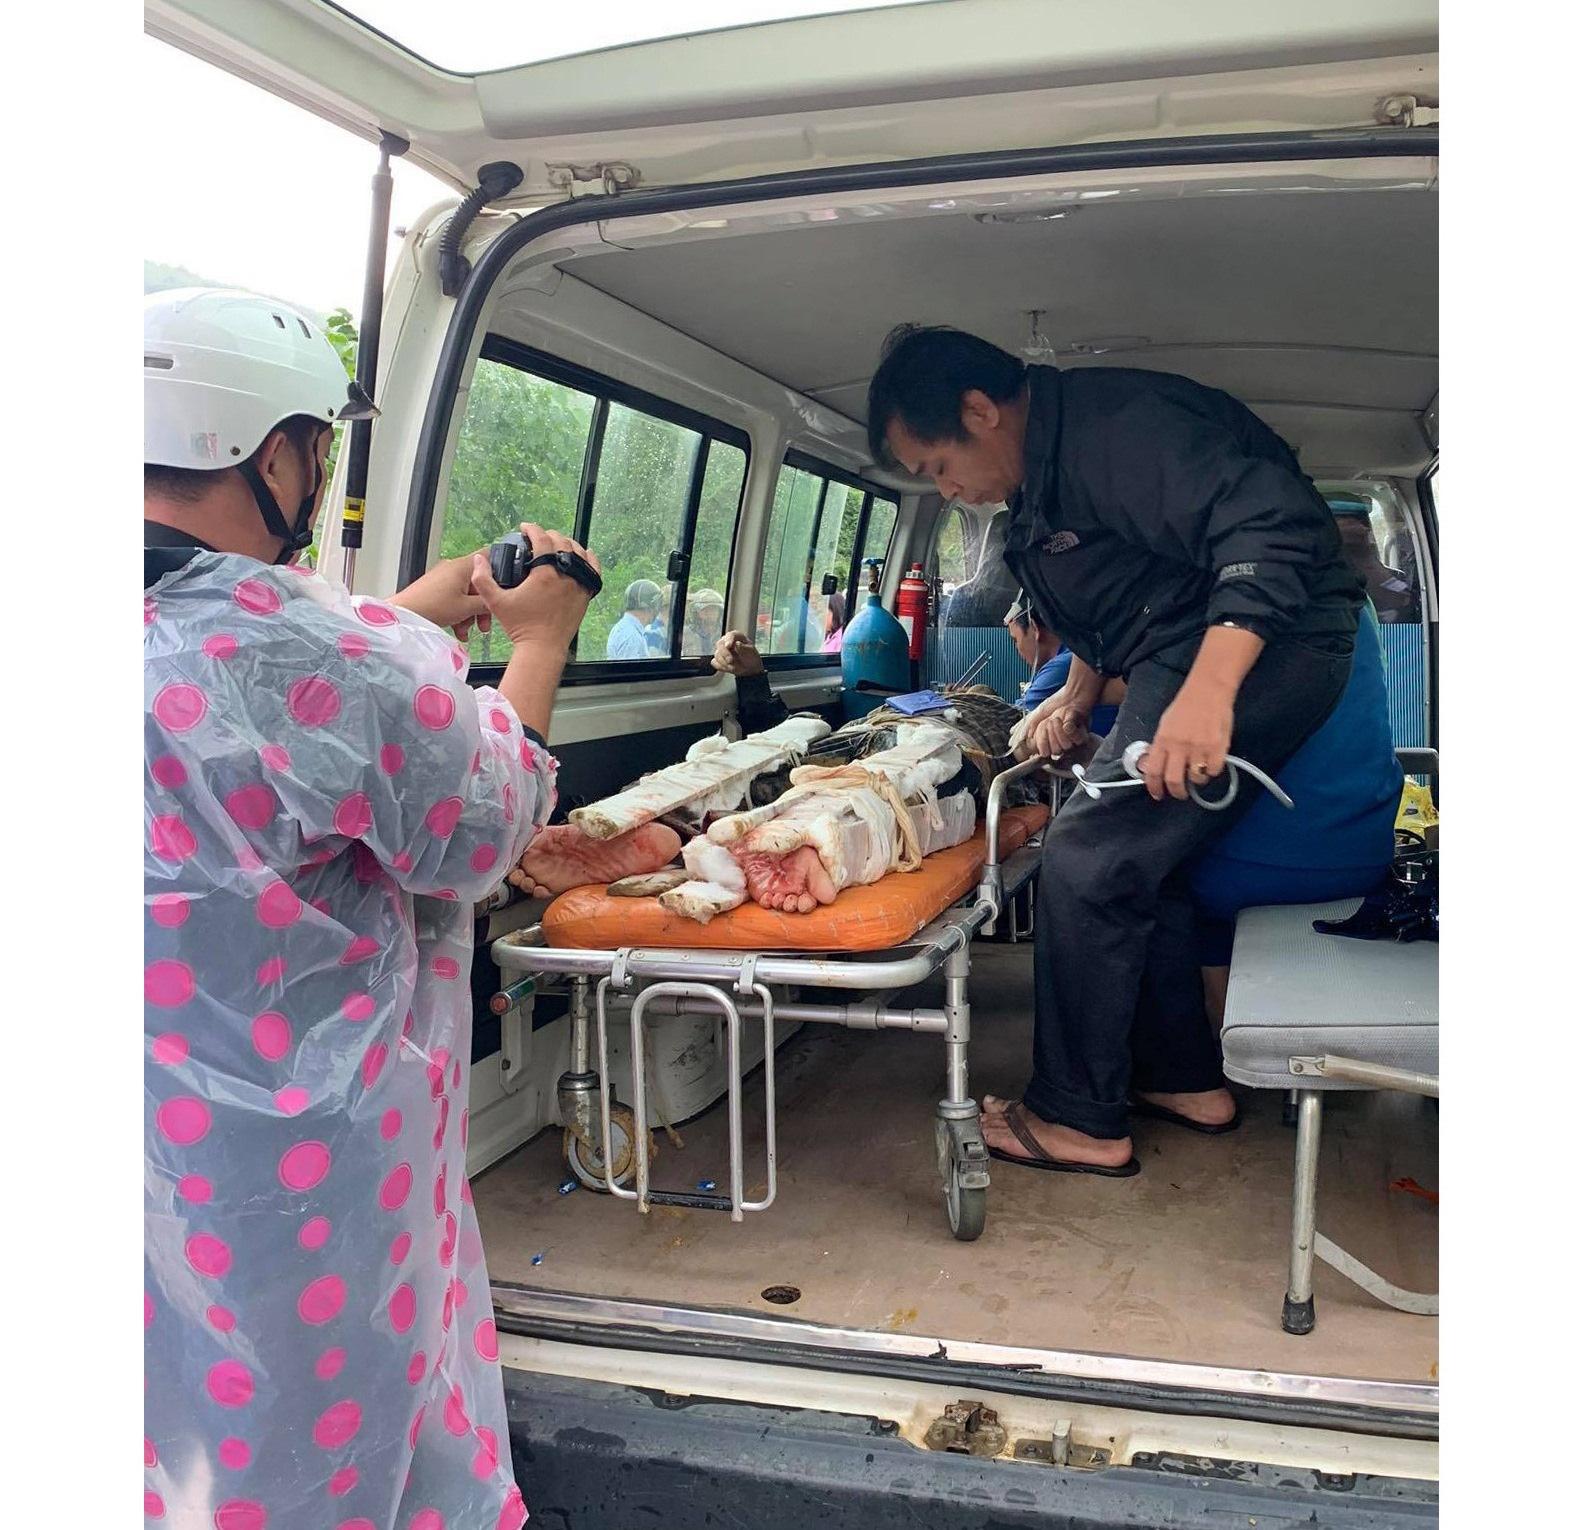 Lở núi kinh hoàng ở Quảng Nam: Cấm đường, chuyển 2 người bị thương nặng lên tuyến trên - Ảnh 2.